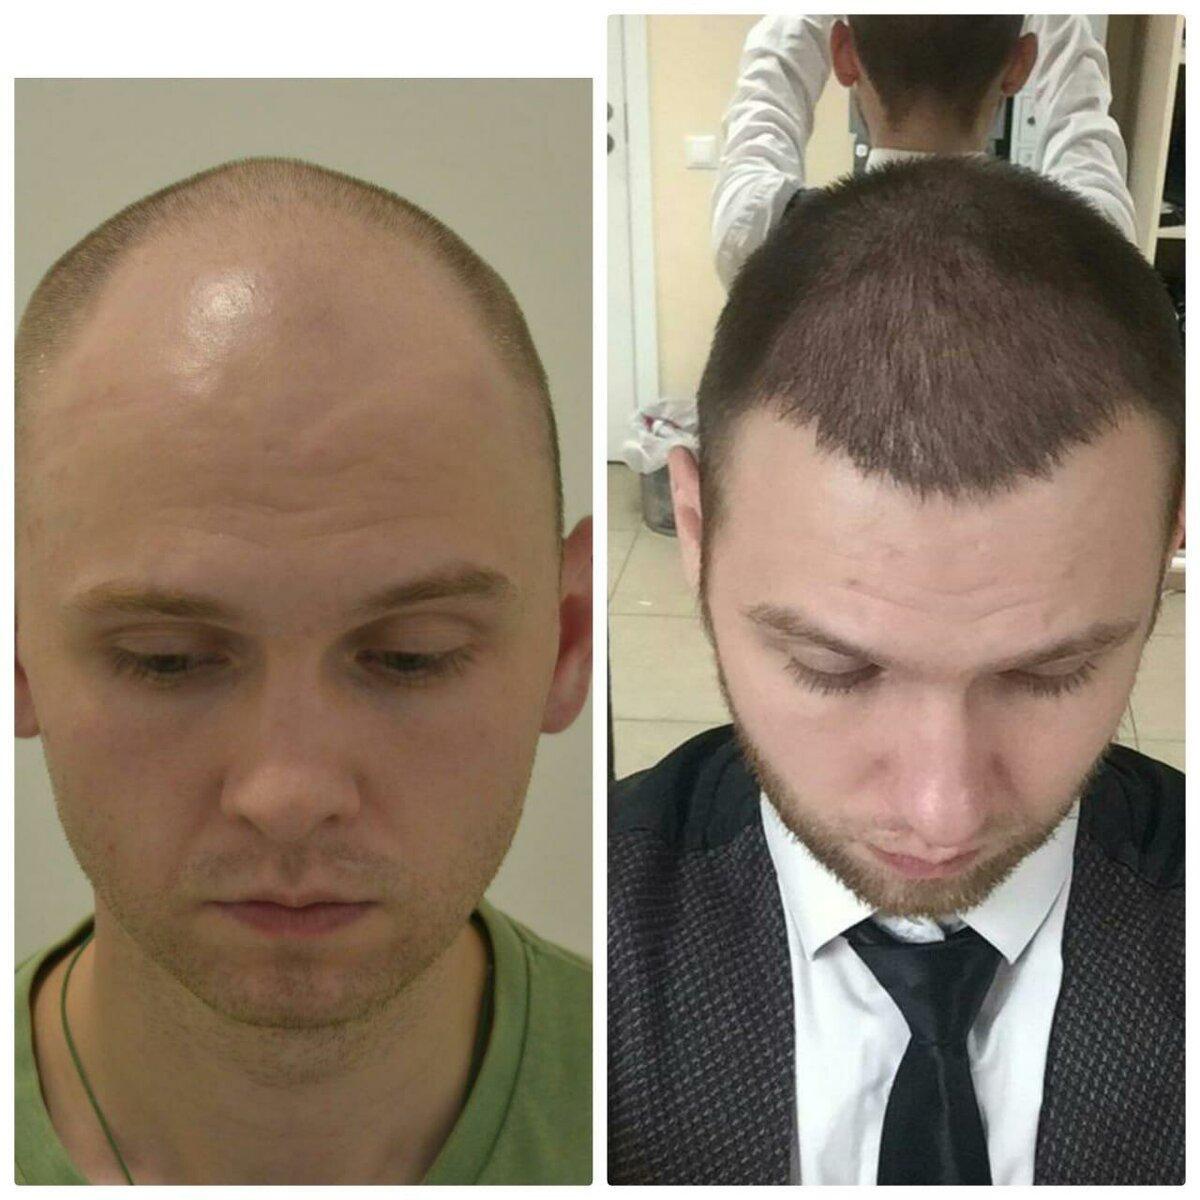 Як виглядає голова звичайної людини (не зірки) після пересадки волосся